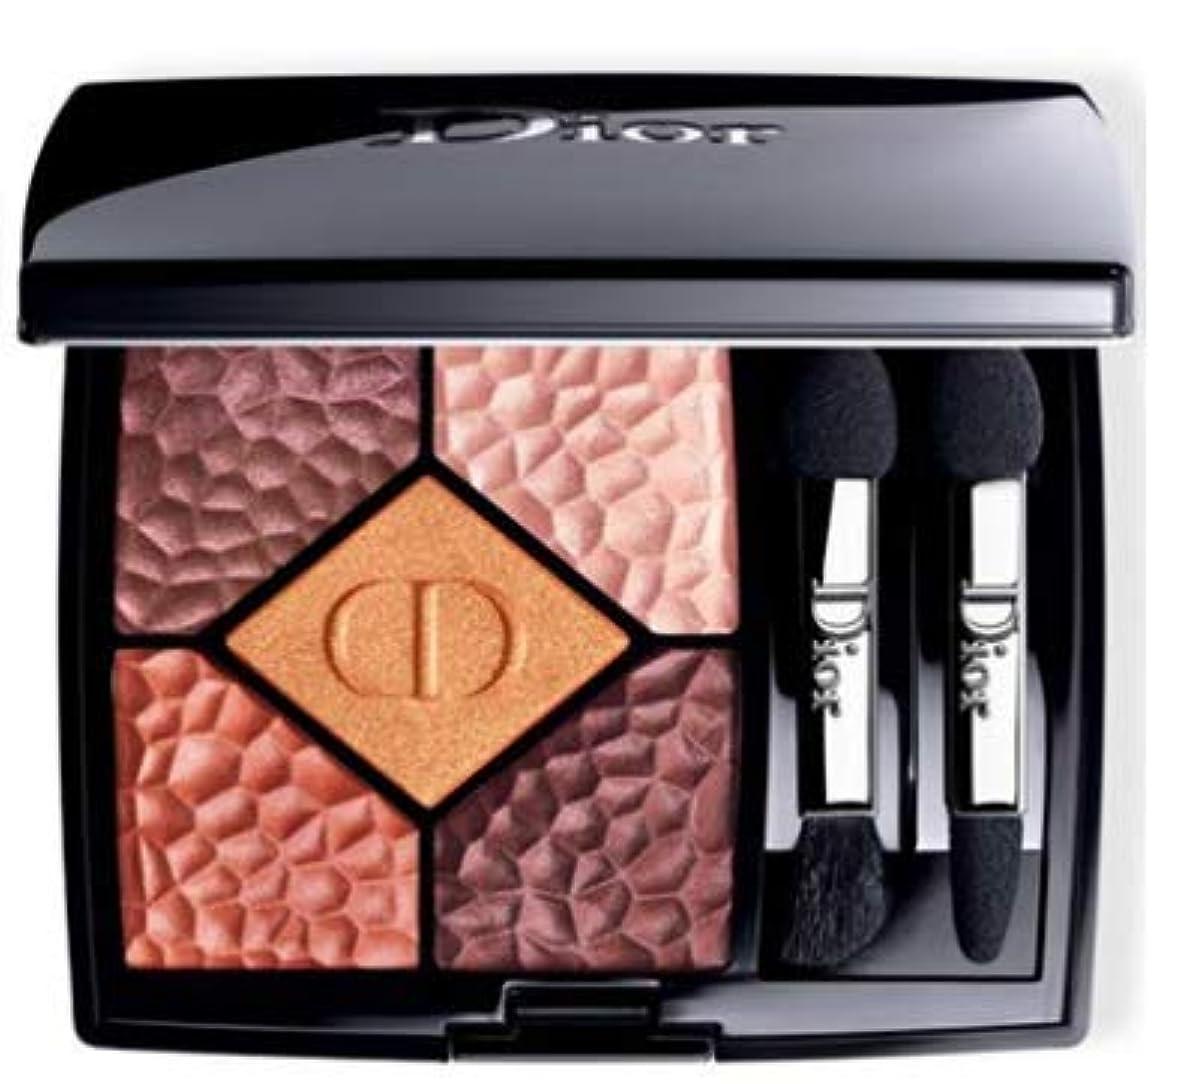 道に迷いました抽選薬局【Dior(ディオール)】サンク クルール(ワイルドアース) (786 テラ)